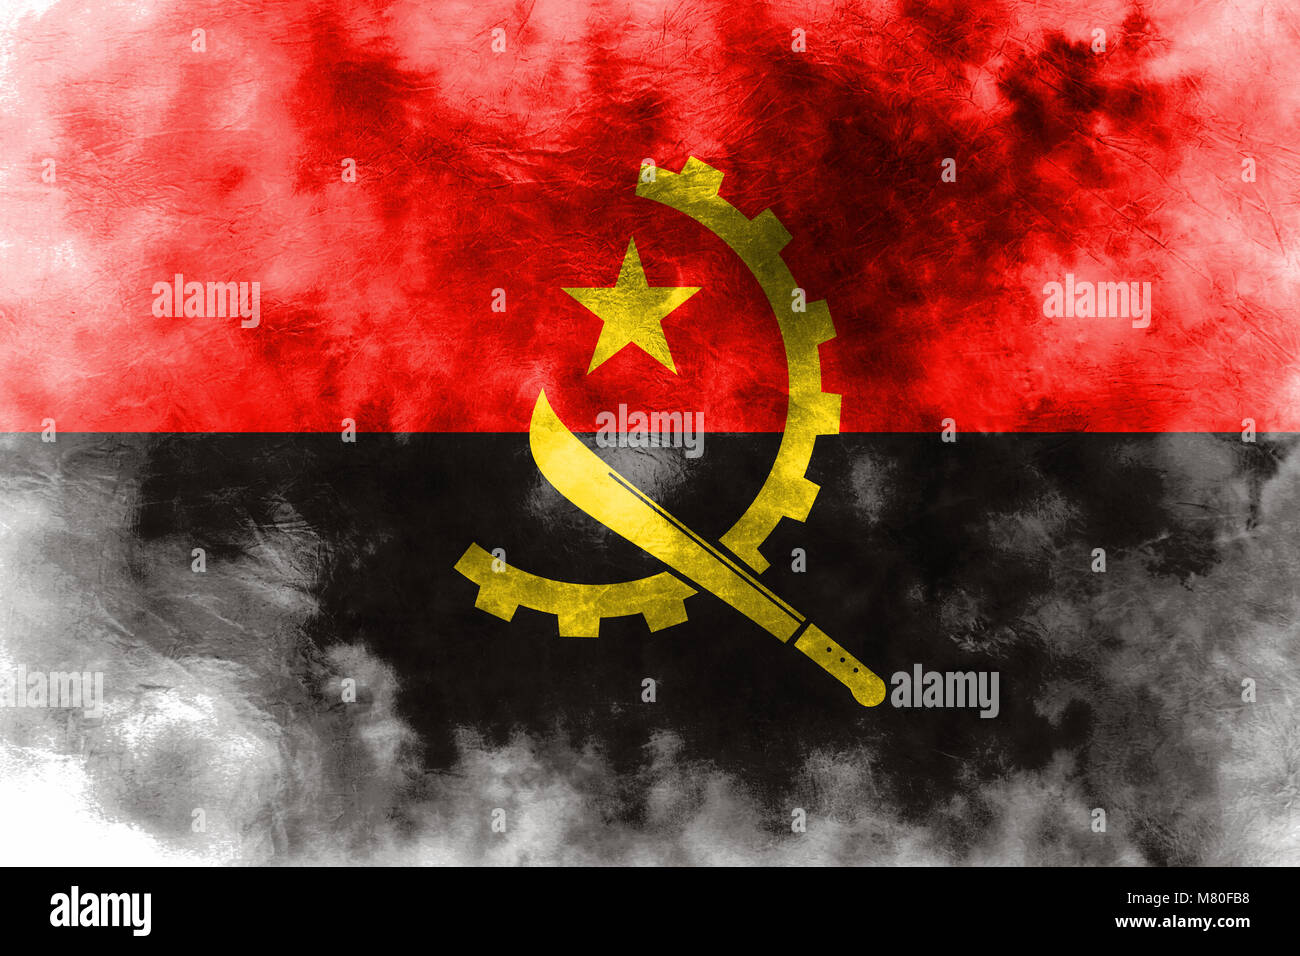 Old Angola grunge background flag - Stock Image